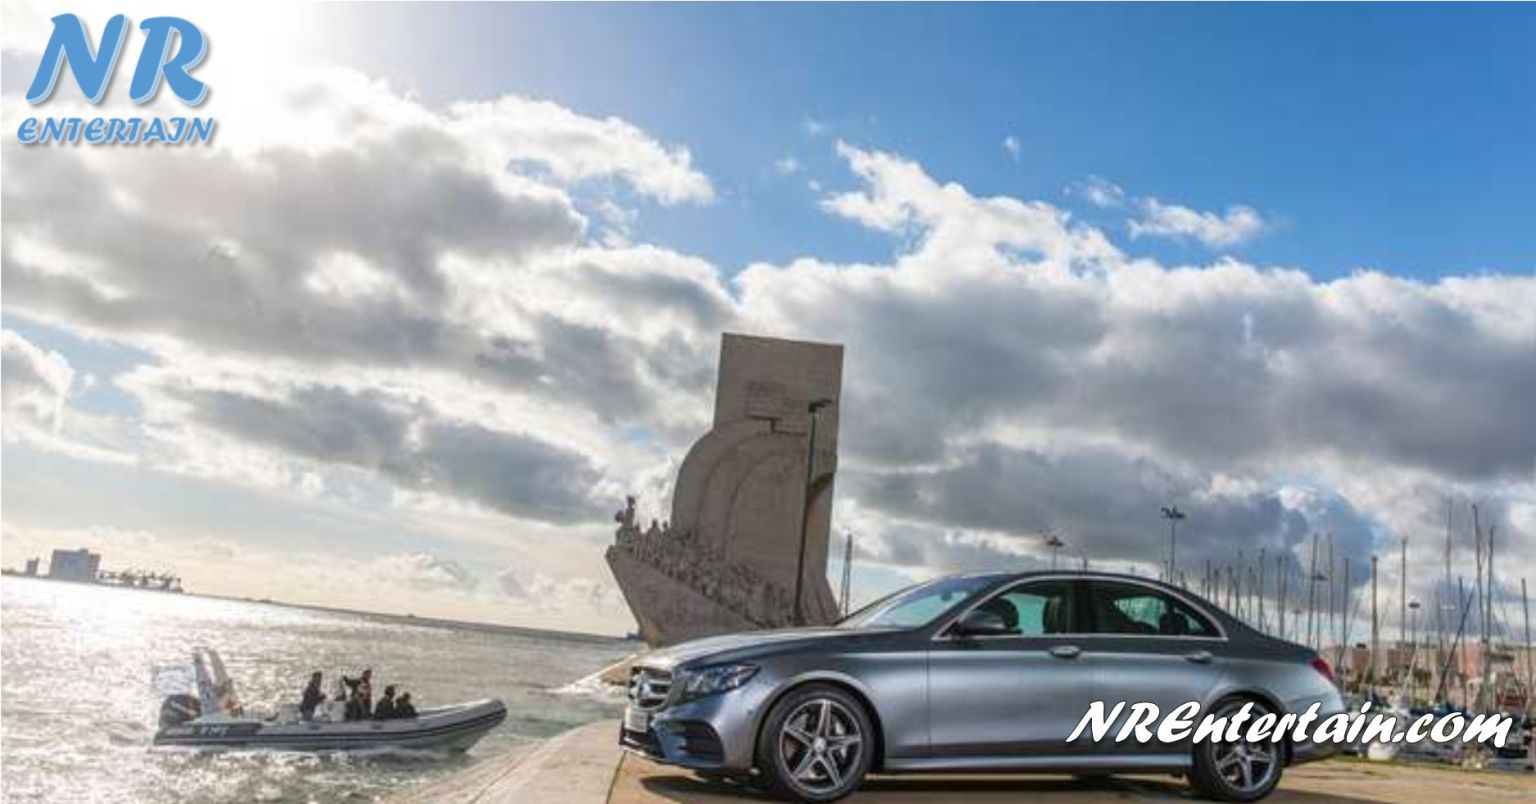 PORTUGAL Recebe Apresentação Mundial do Novo Classe E da Mercedes-Benz